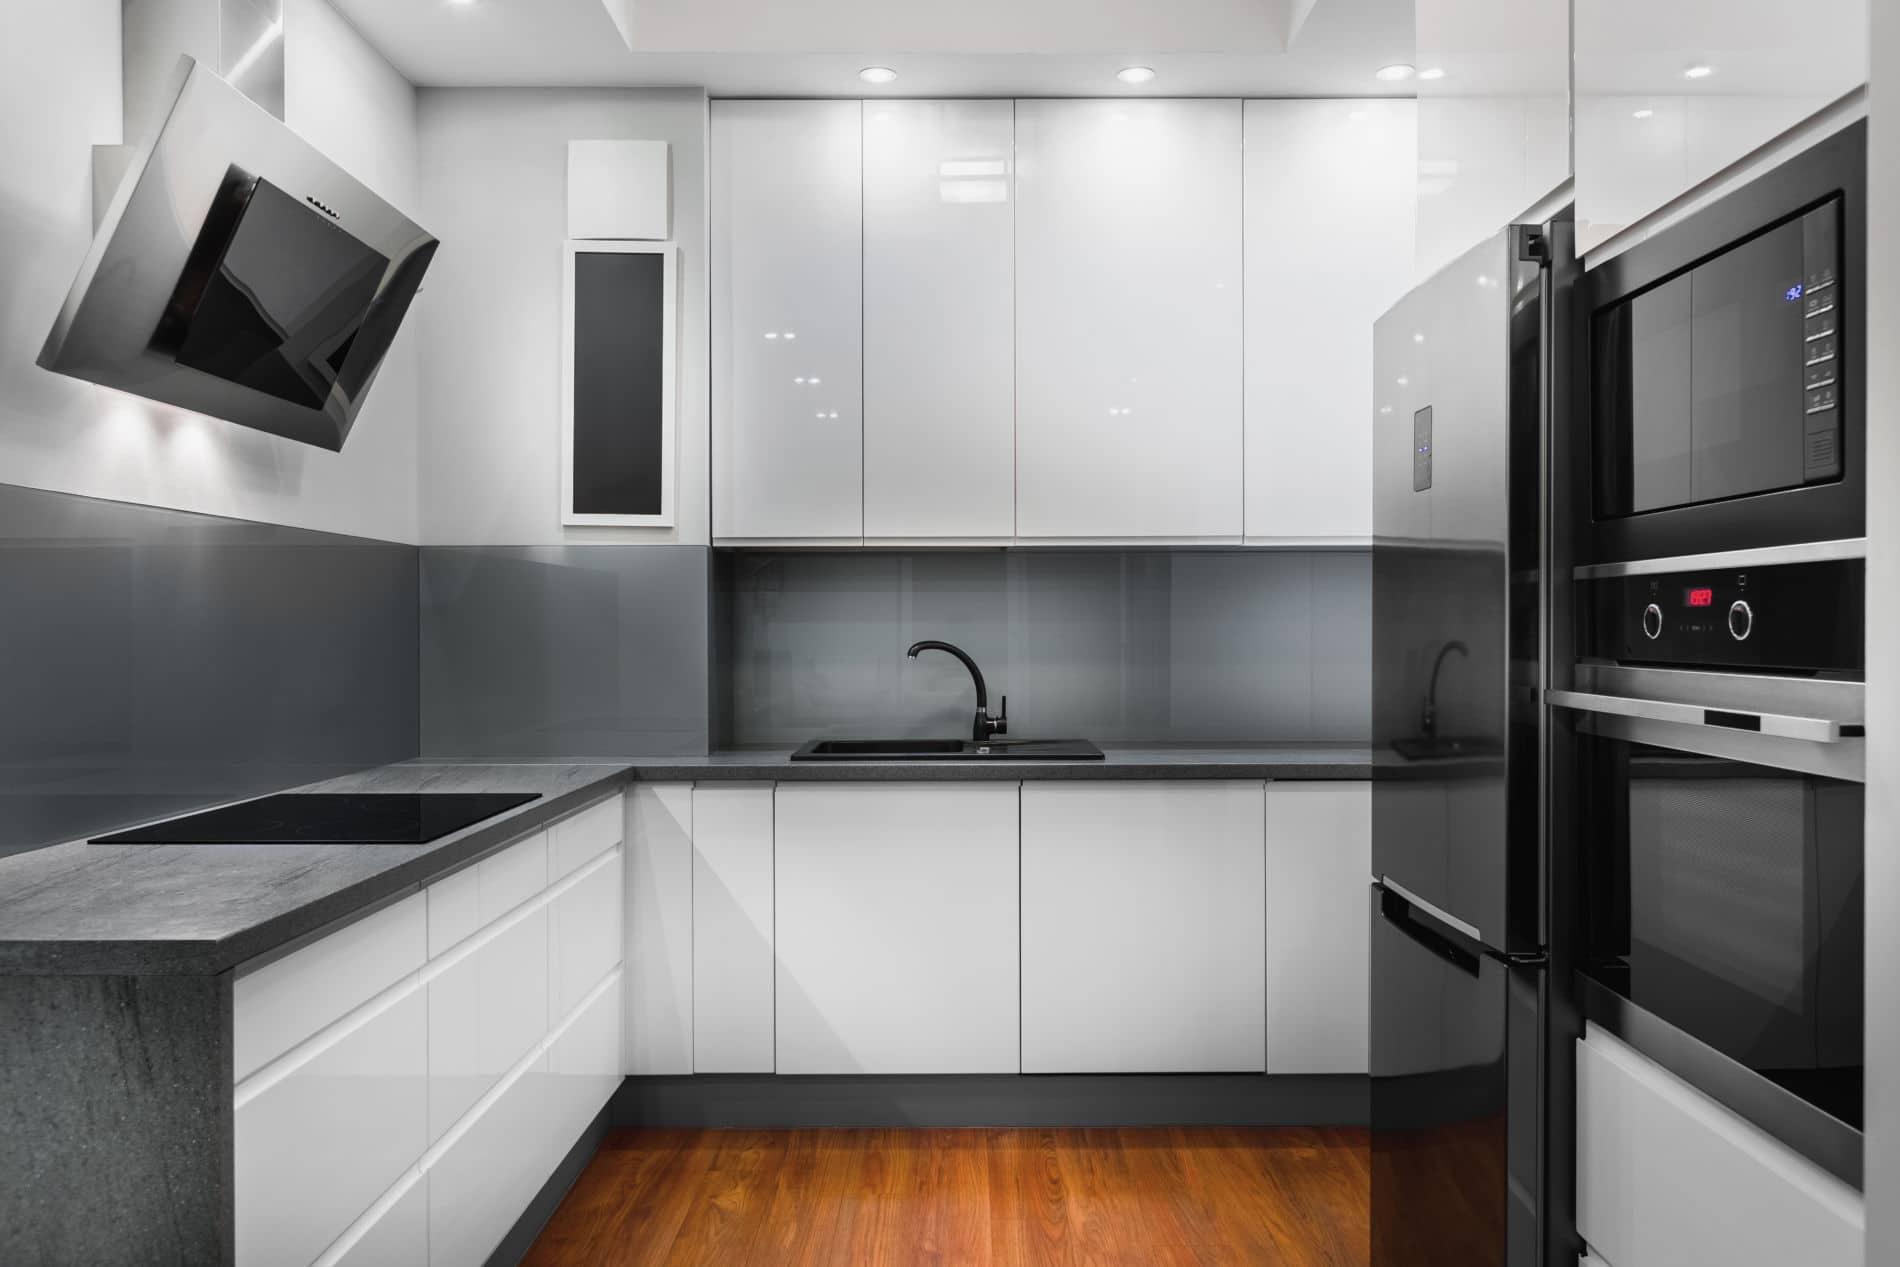 מטבחים מעץ חברות מוכרות לעיצוב והרכבת מטבחים חשוב להם לספק מטבחים איכותיים עם מלא ידע מקצועי שיודעים לספק פתרונות מגוונים לכל בית תוך כדי התקנת חיבור גז תיקני במטבח